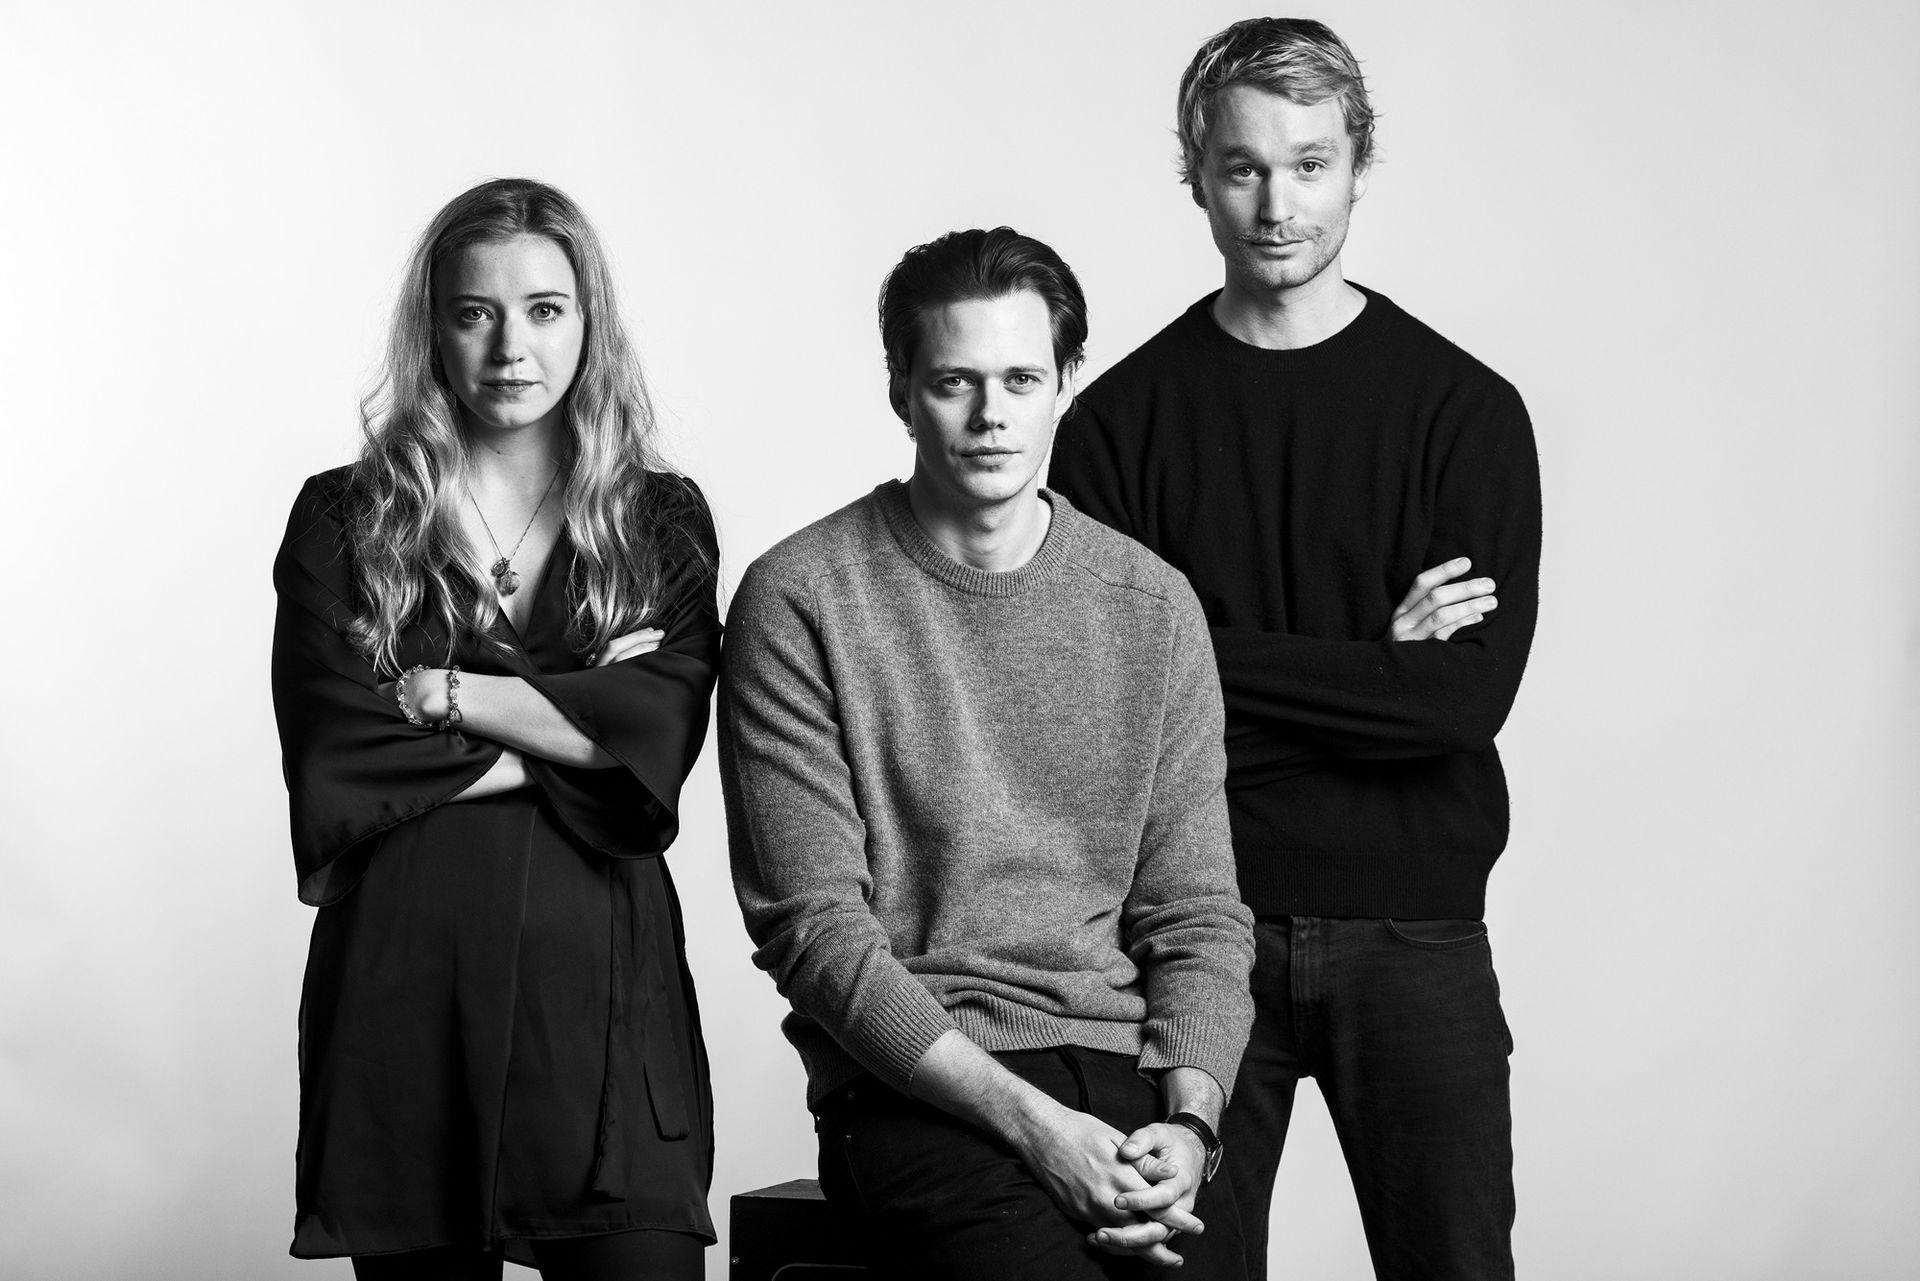 Fler skådespelare som är med i serien om Clark Olofsson